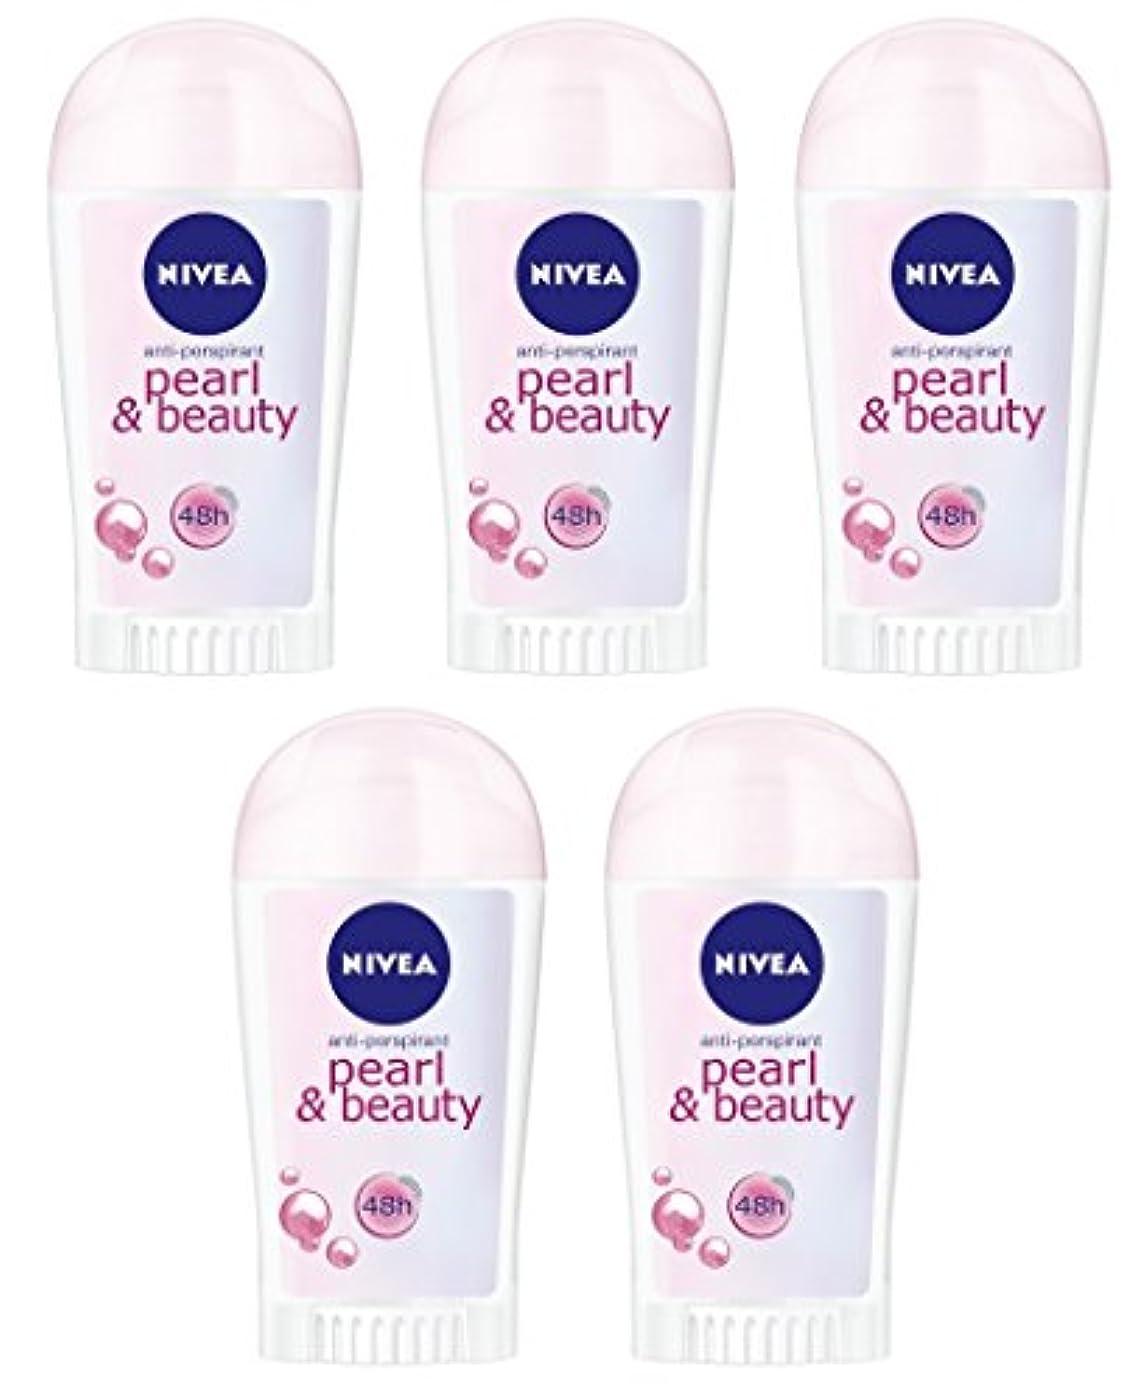 (5パック) ニベアパールそしてビューティー制汗剤デオドラントスティック女性のための5x40ml - (Pack of 5) Nivea Pearl & Beauty Anti-perspirant Deodorant...